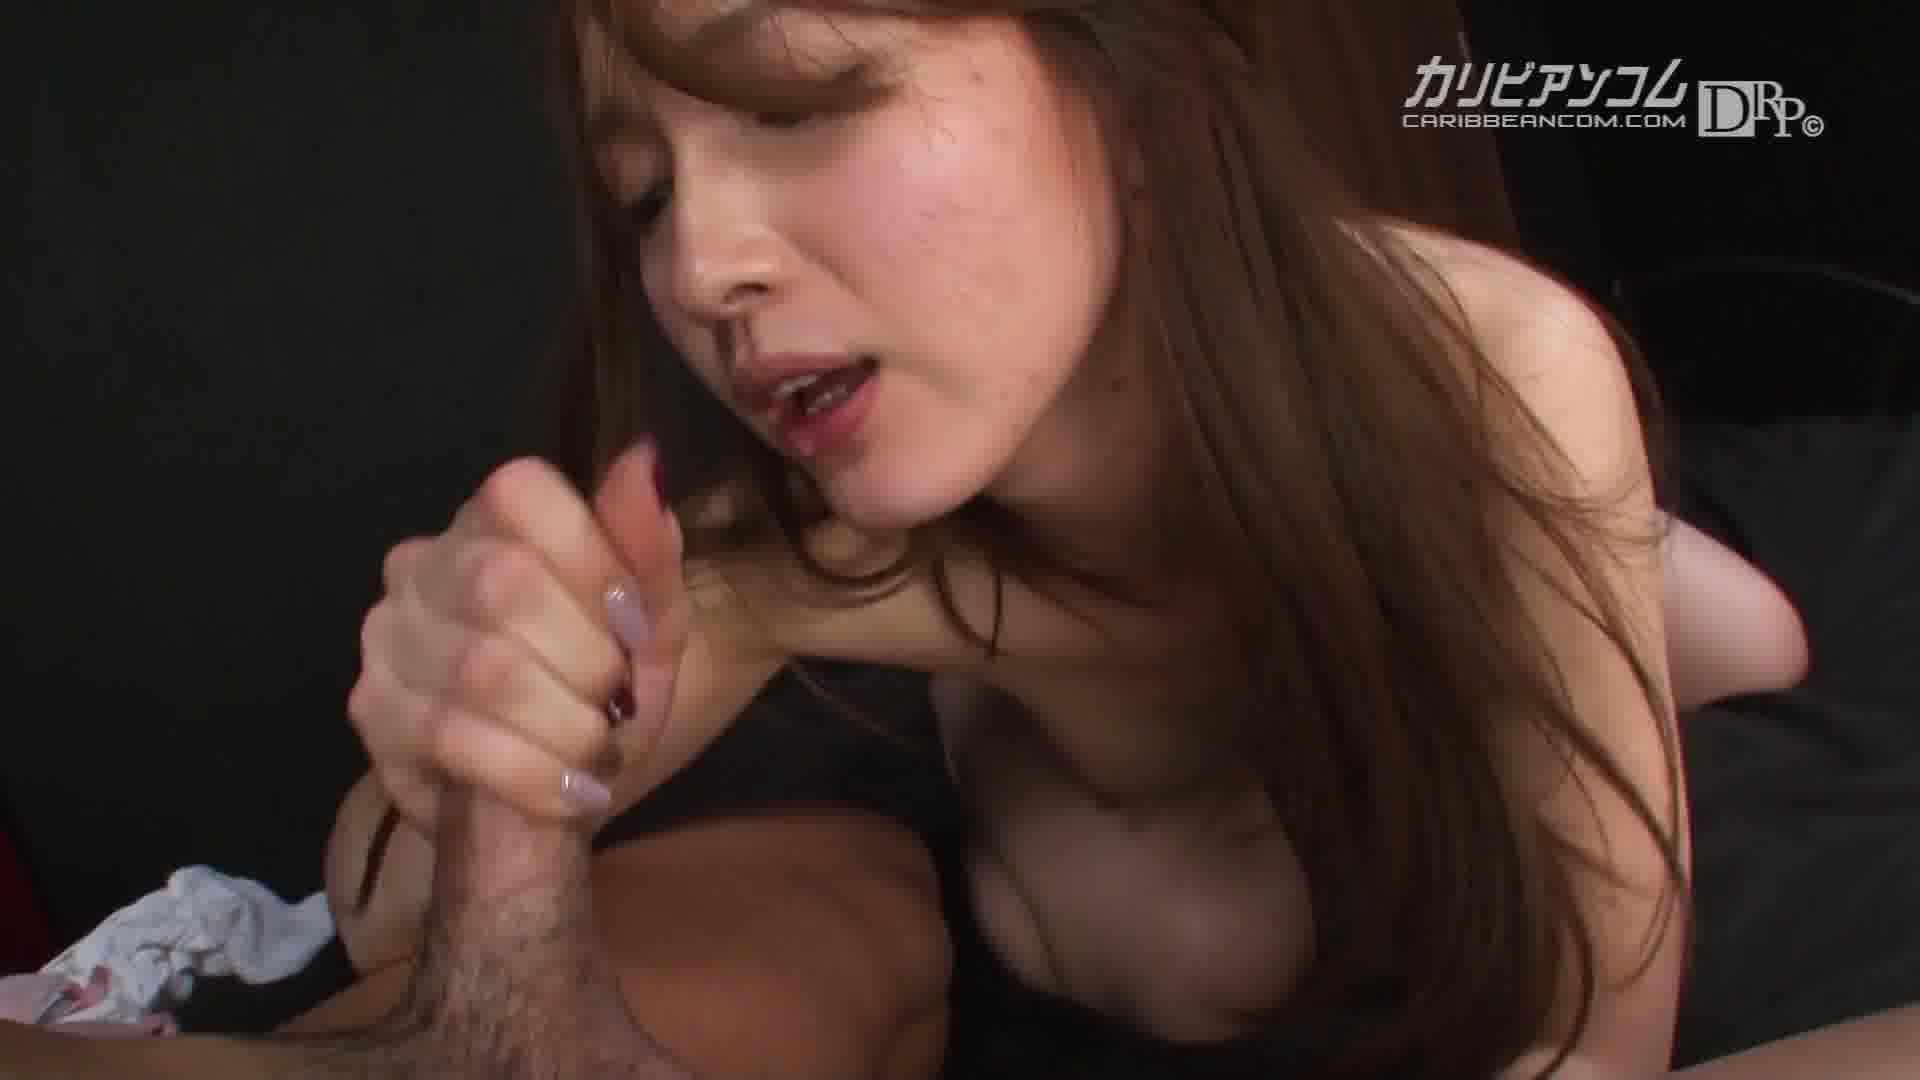 葉山瞳の自由演技 ~狂ったように抱き合える男が欲しいだけ~ - 葉山瞳【美乳・オナニー・中出し】